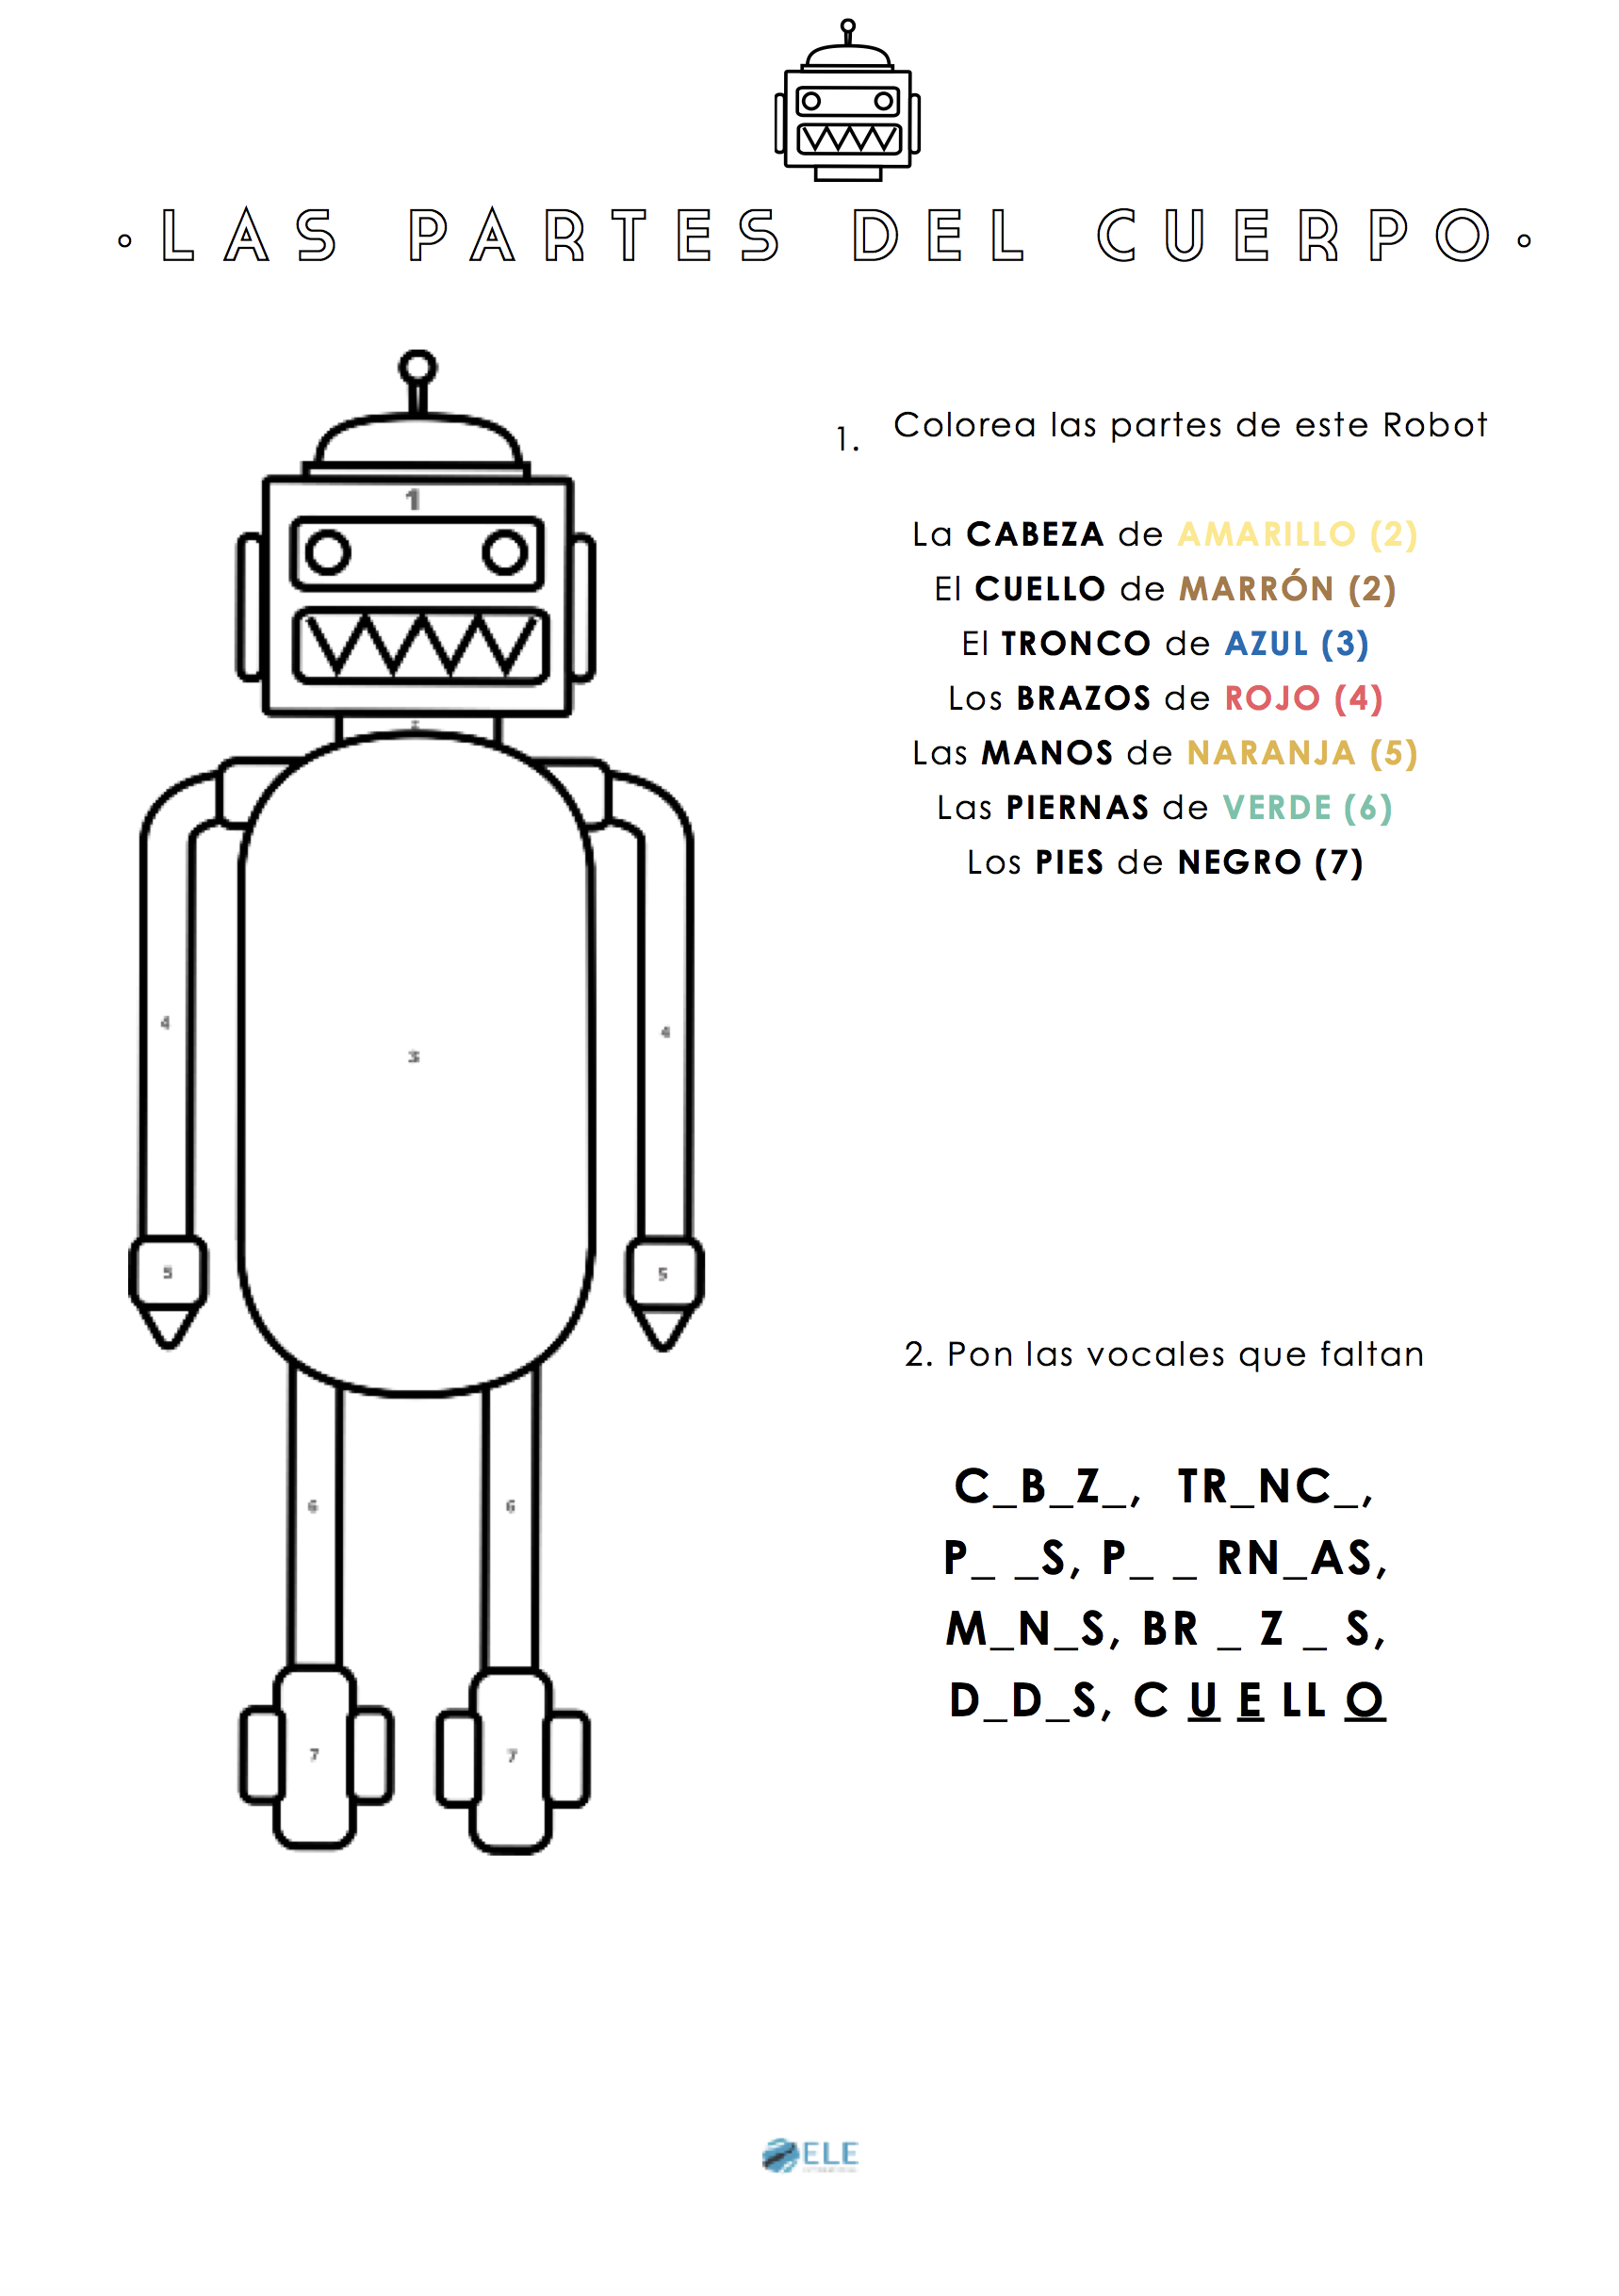 Español para niños las partes del cuerpo. Parts of the body in Spanish